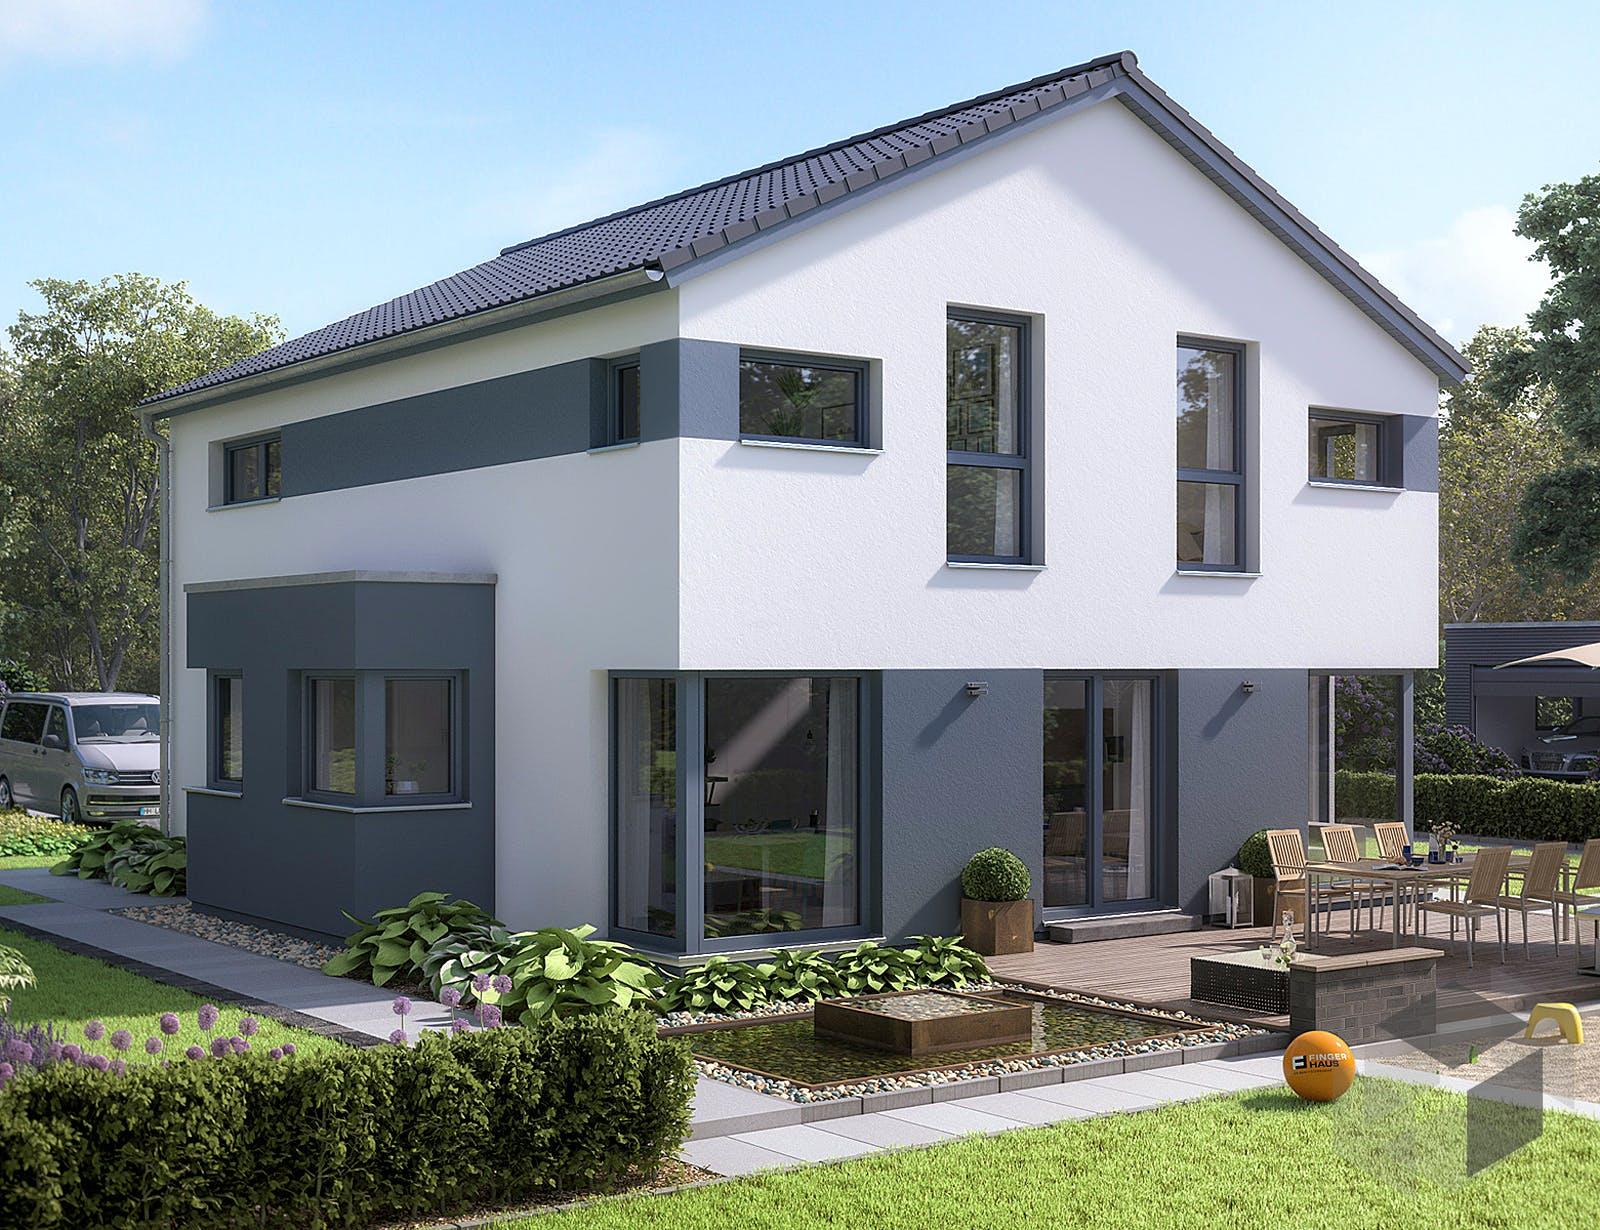 medley 3 0 300 s215 se von fingerhaus komplette. Black Bedroom Furniture Sets. Home Design Ideas